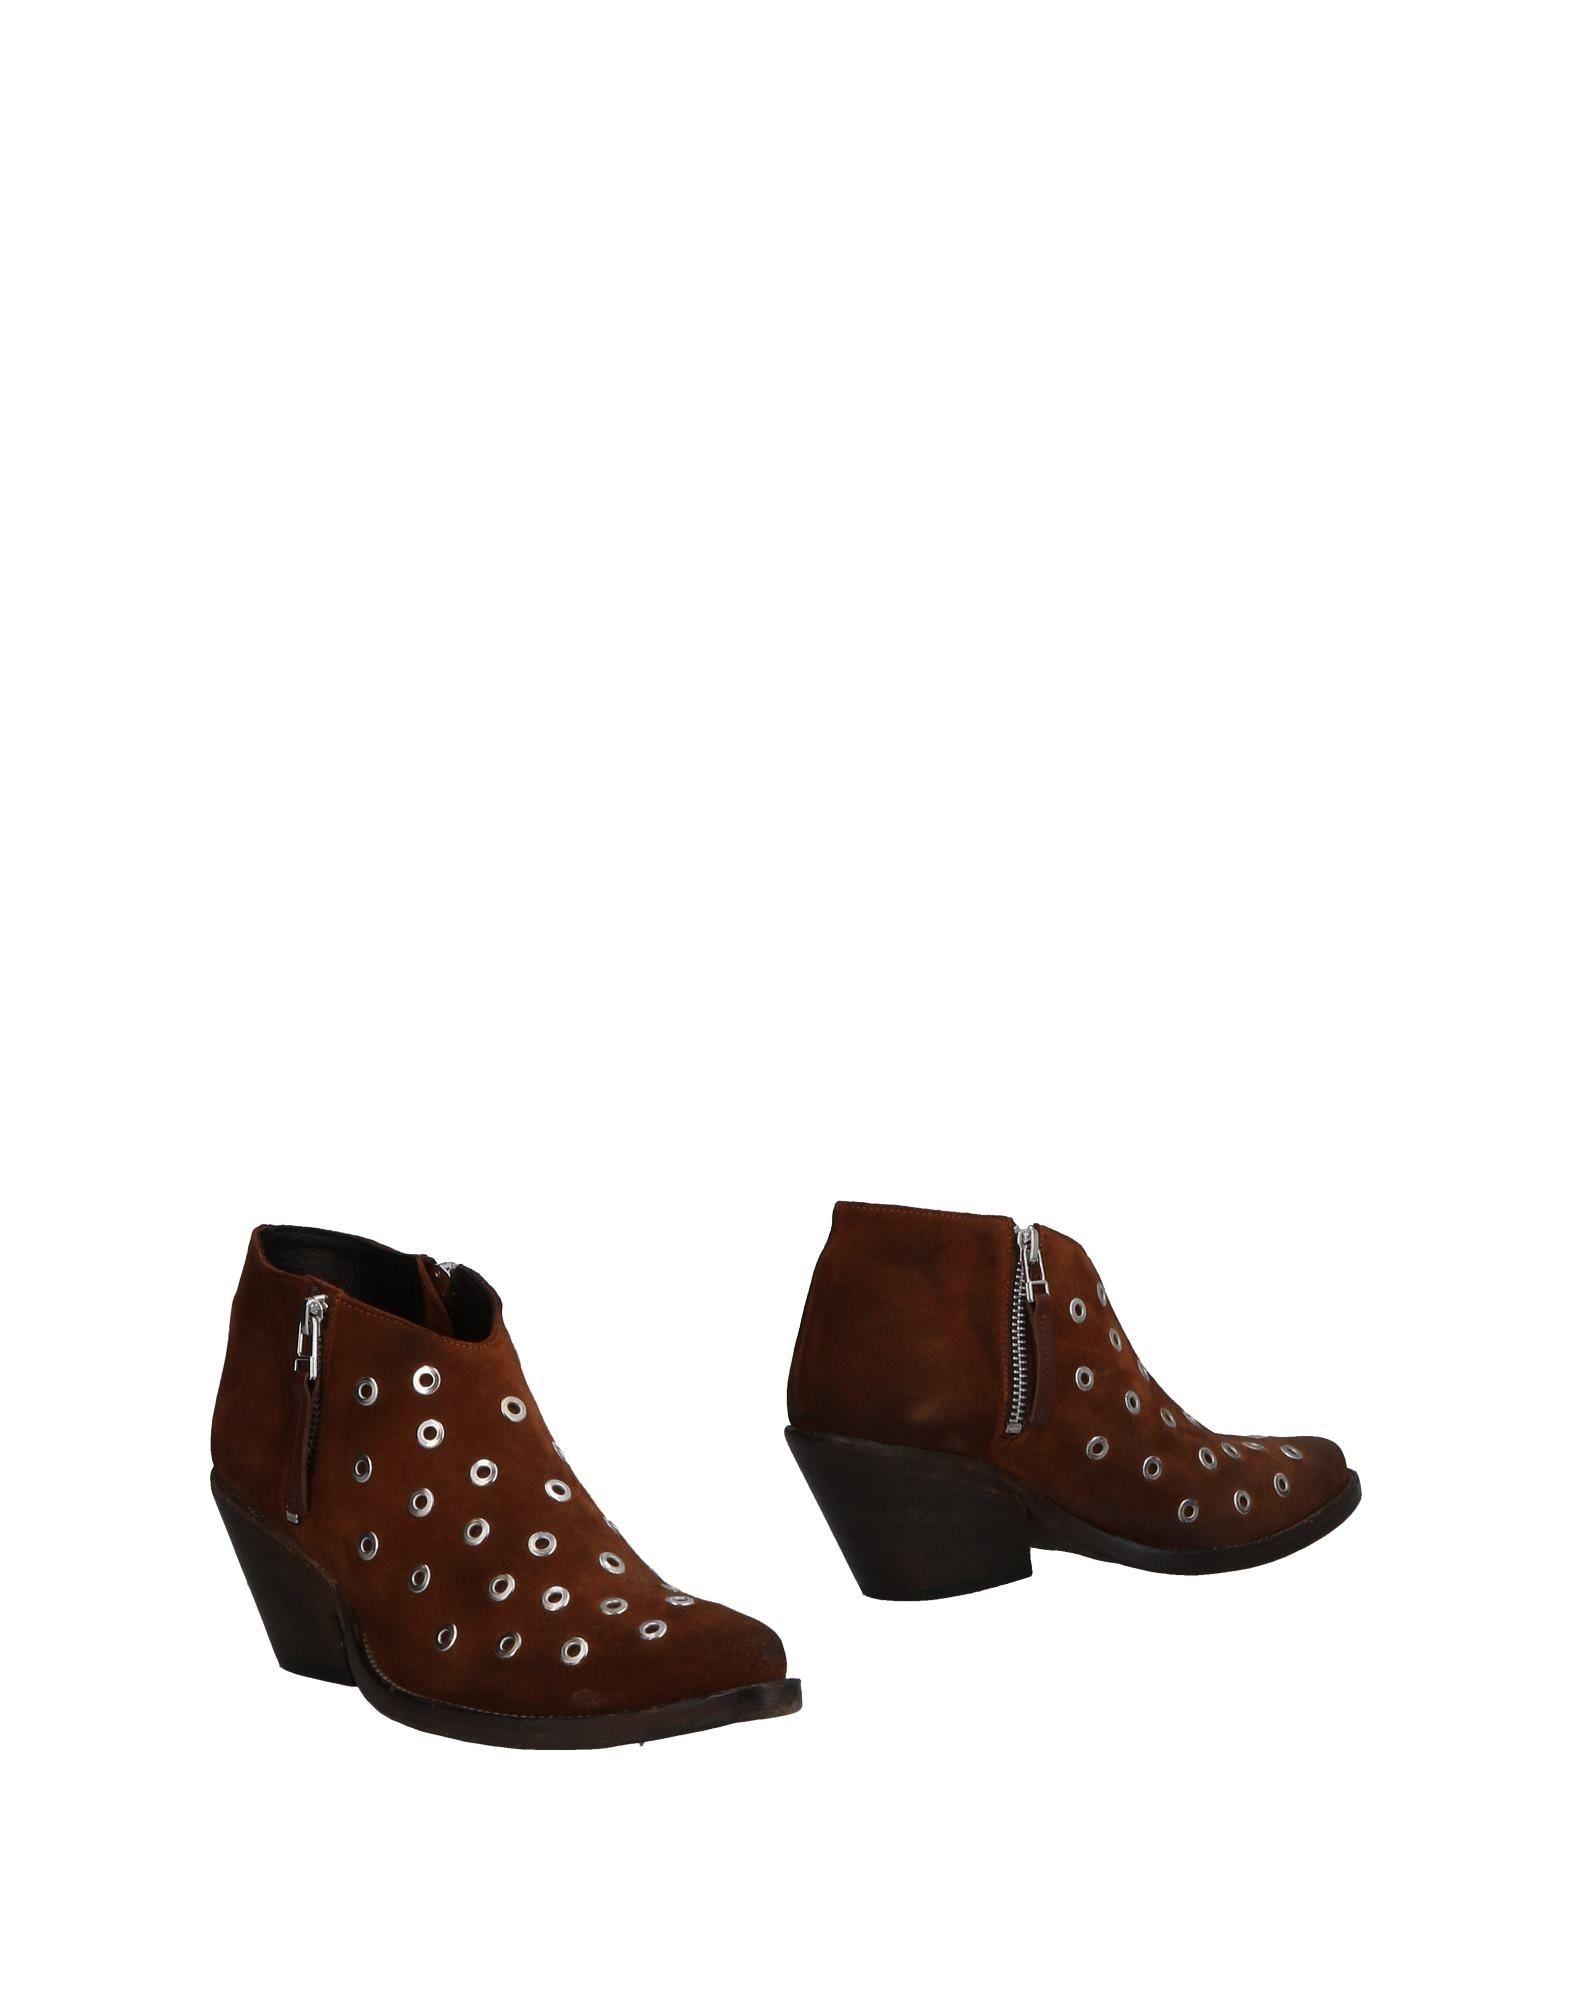 Keep Originals Stiefelette Stiefelette Originals Damen  11499557JI Gute Qualität beliebte Schuhe 3b7dc2